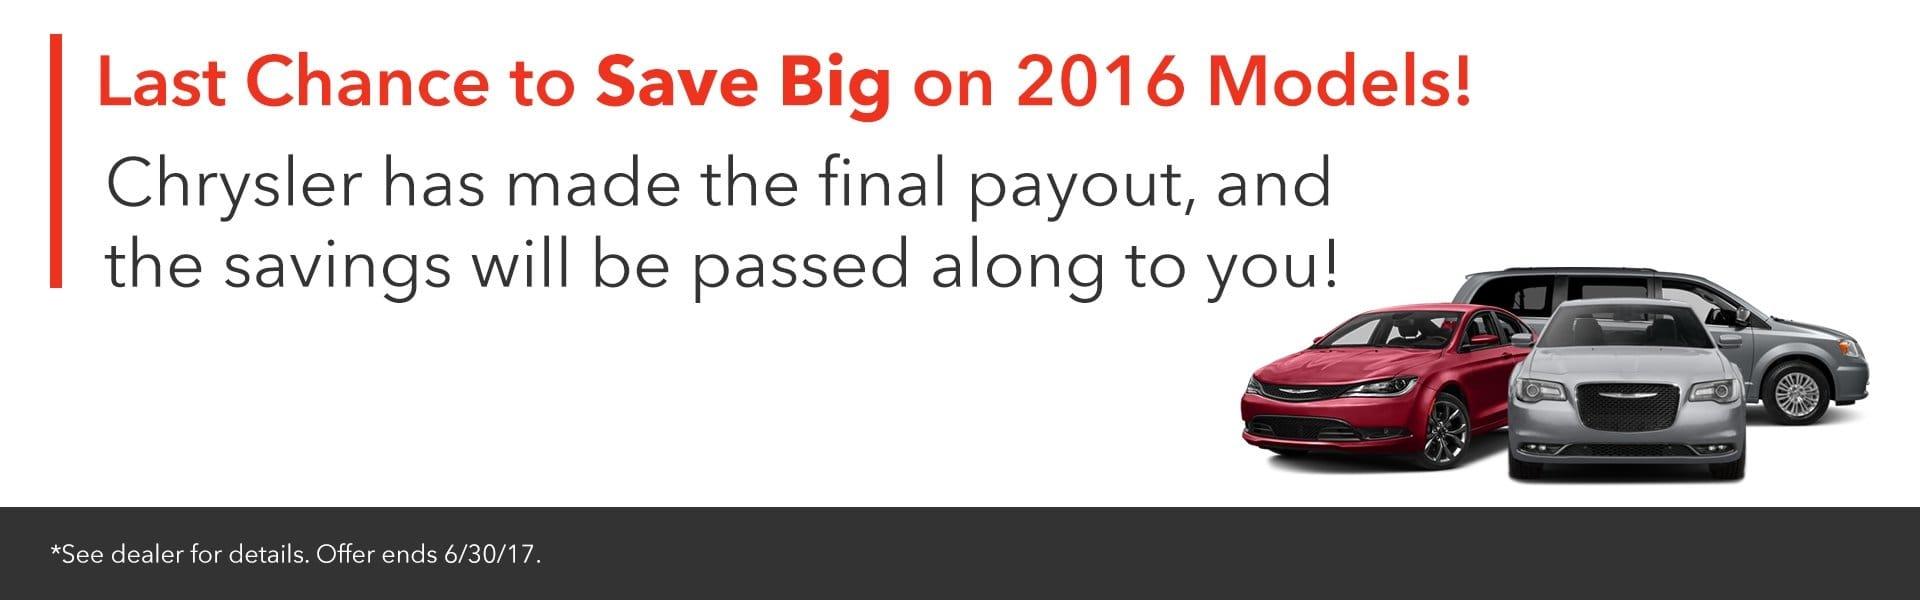 2016 savings